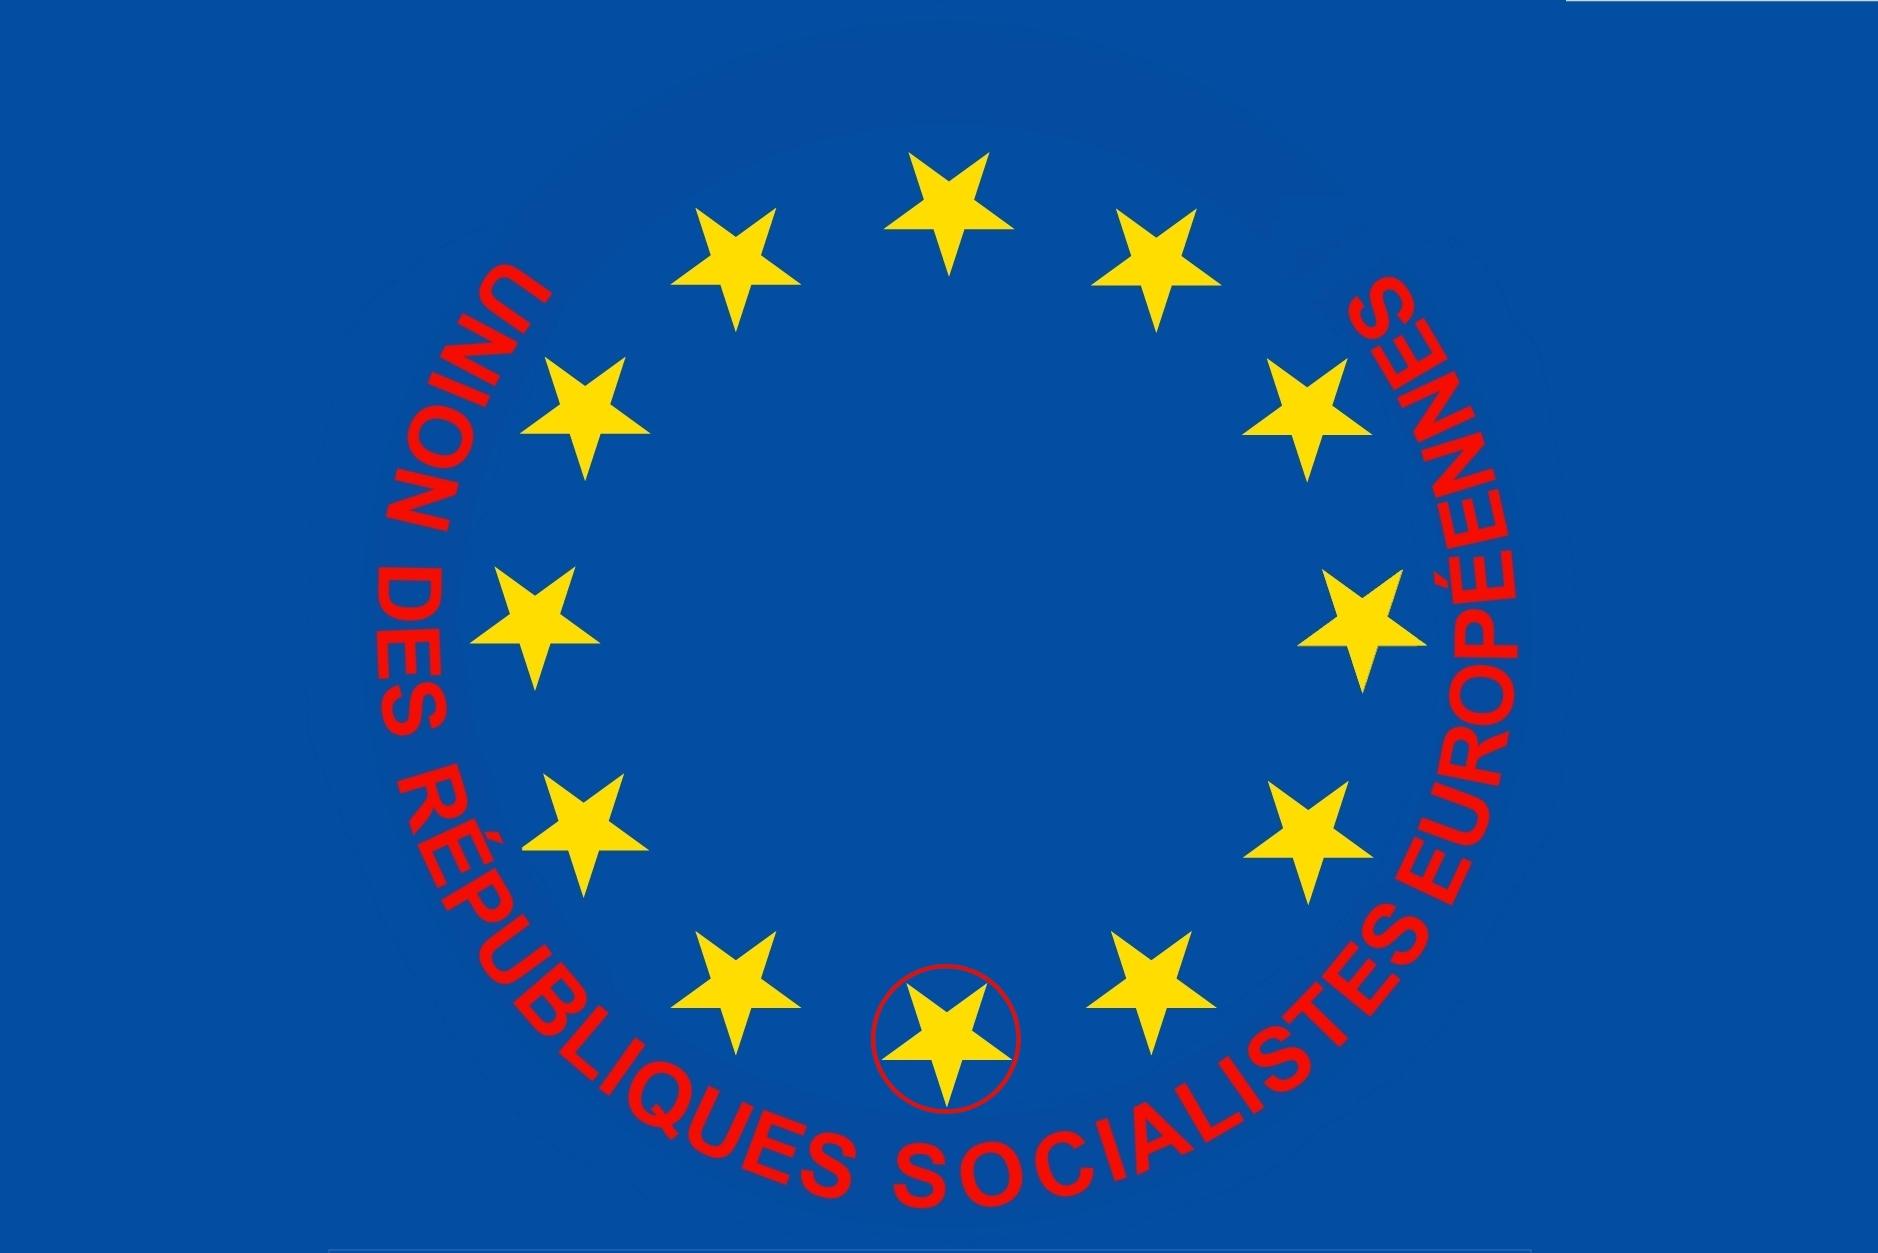 Représentation plus réaliste du drapeau européen Uniond11